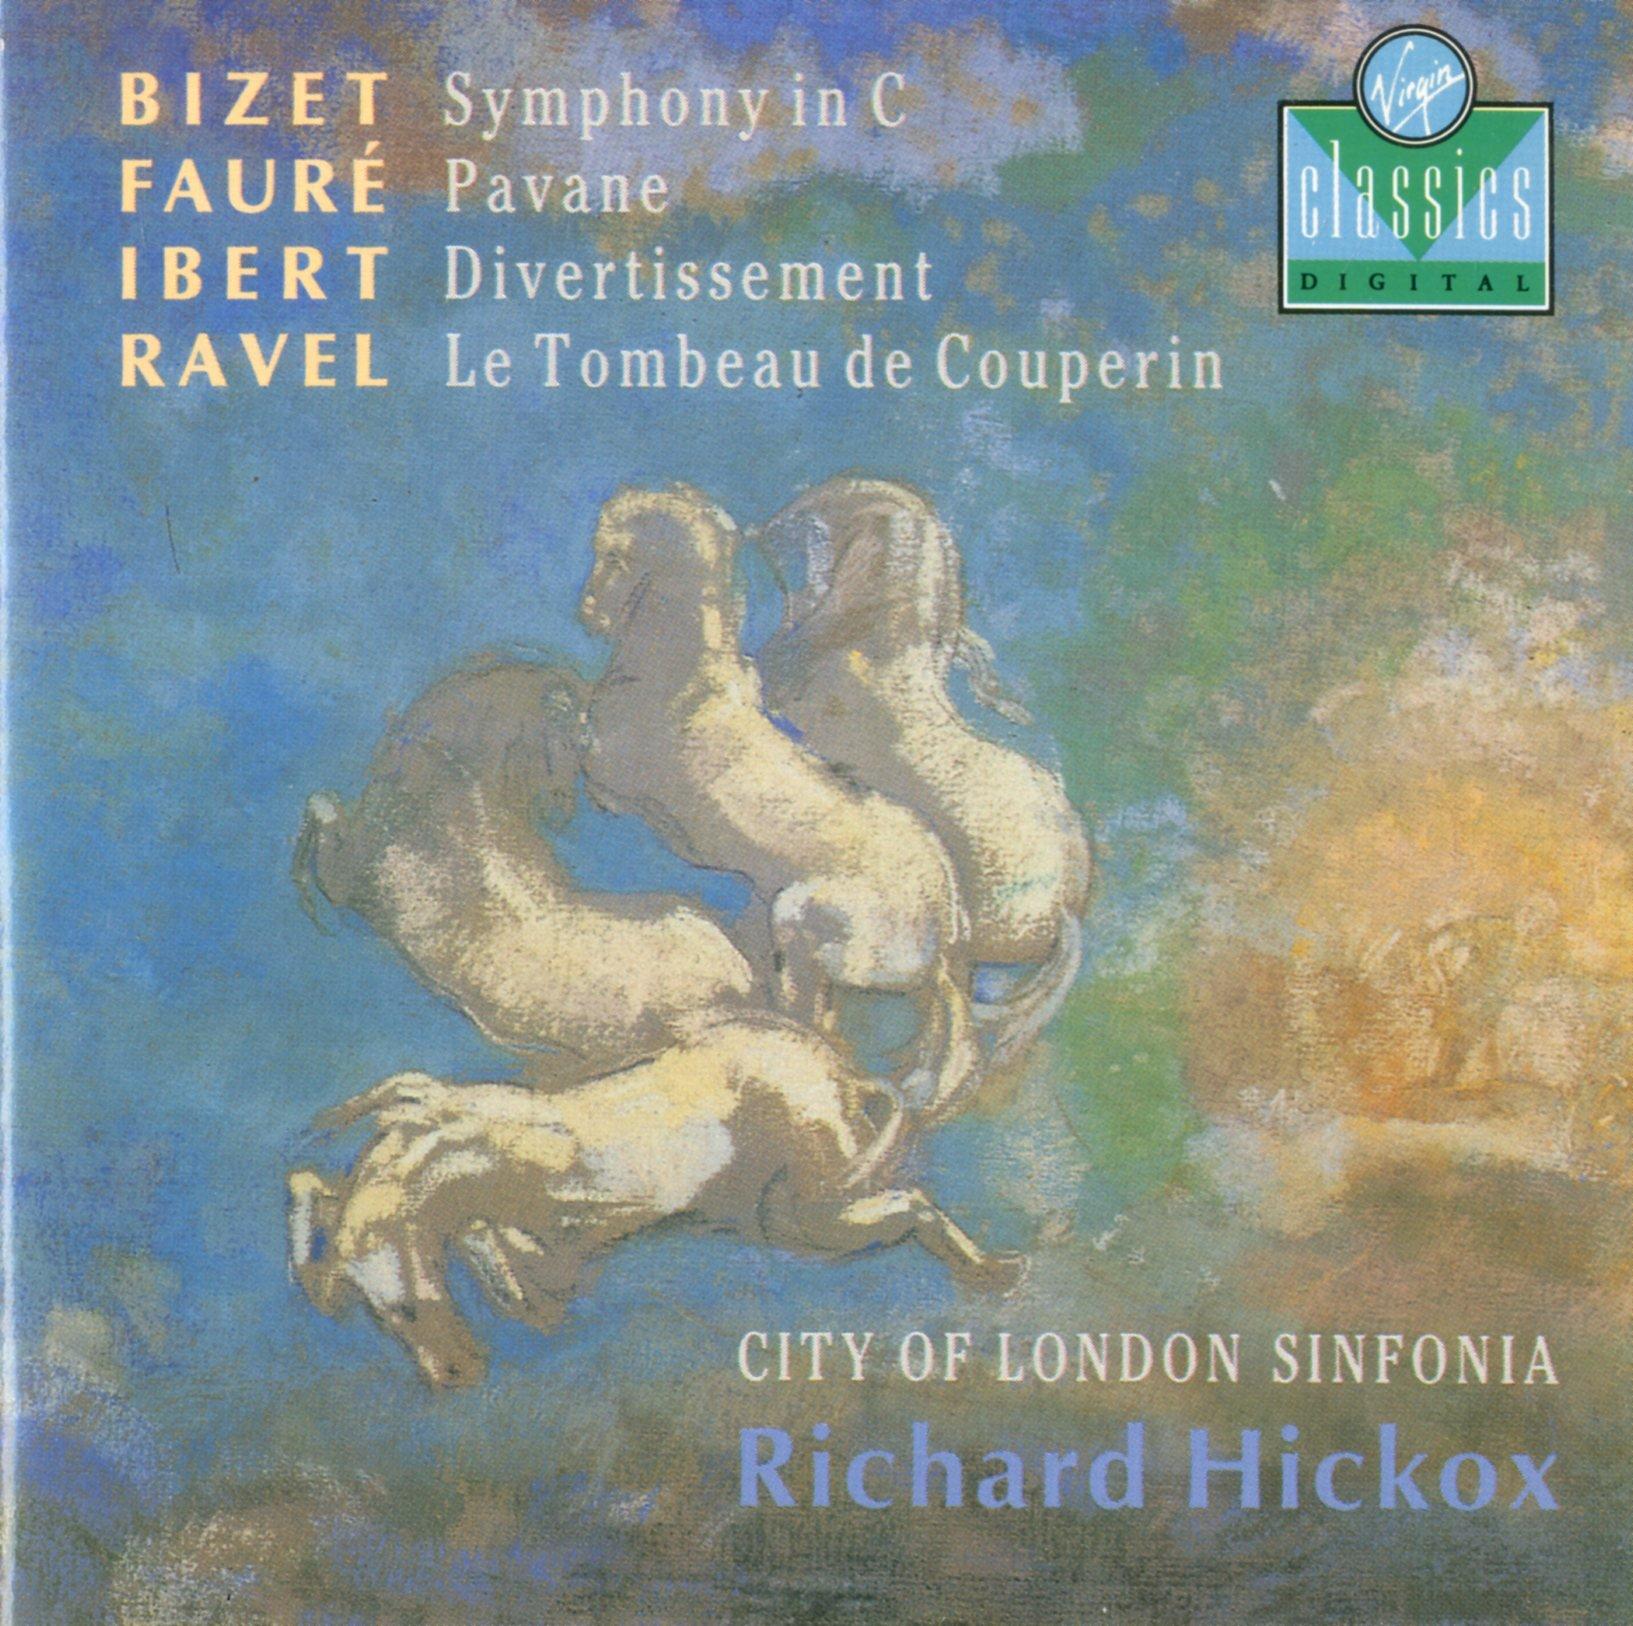 Bizet, Symphony in C; Faure, Pavane; Ibert, Divertissement;